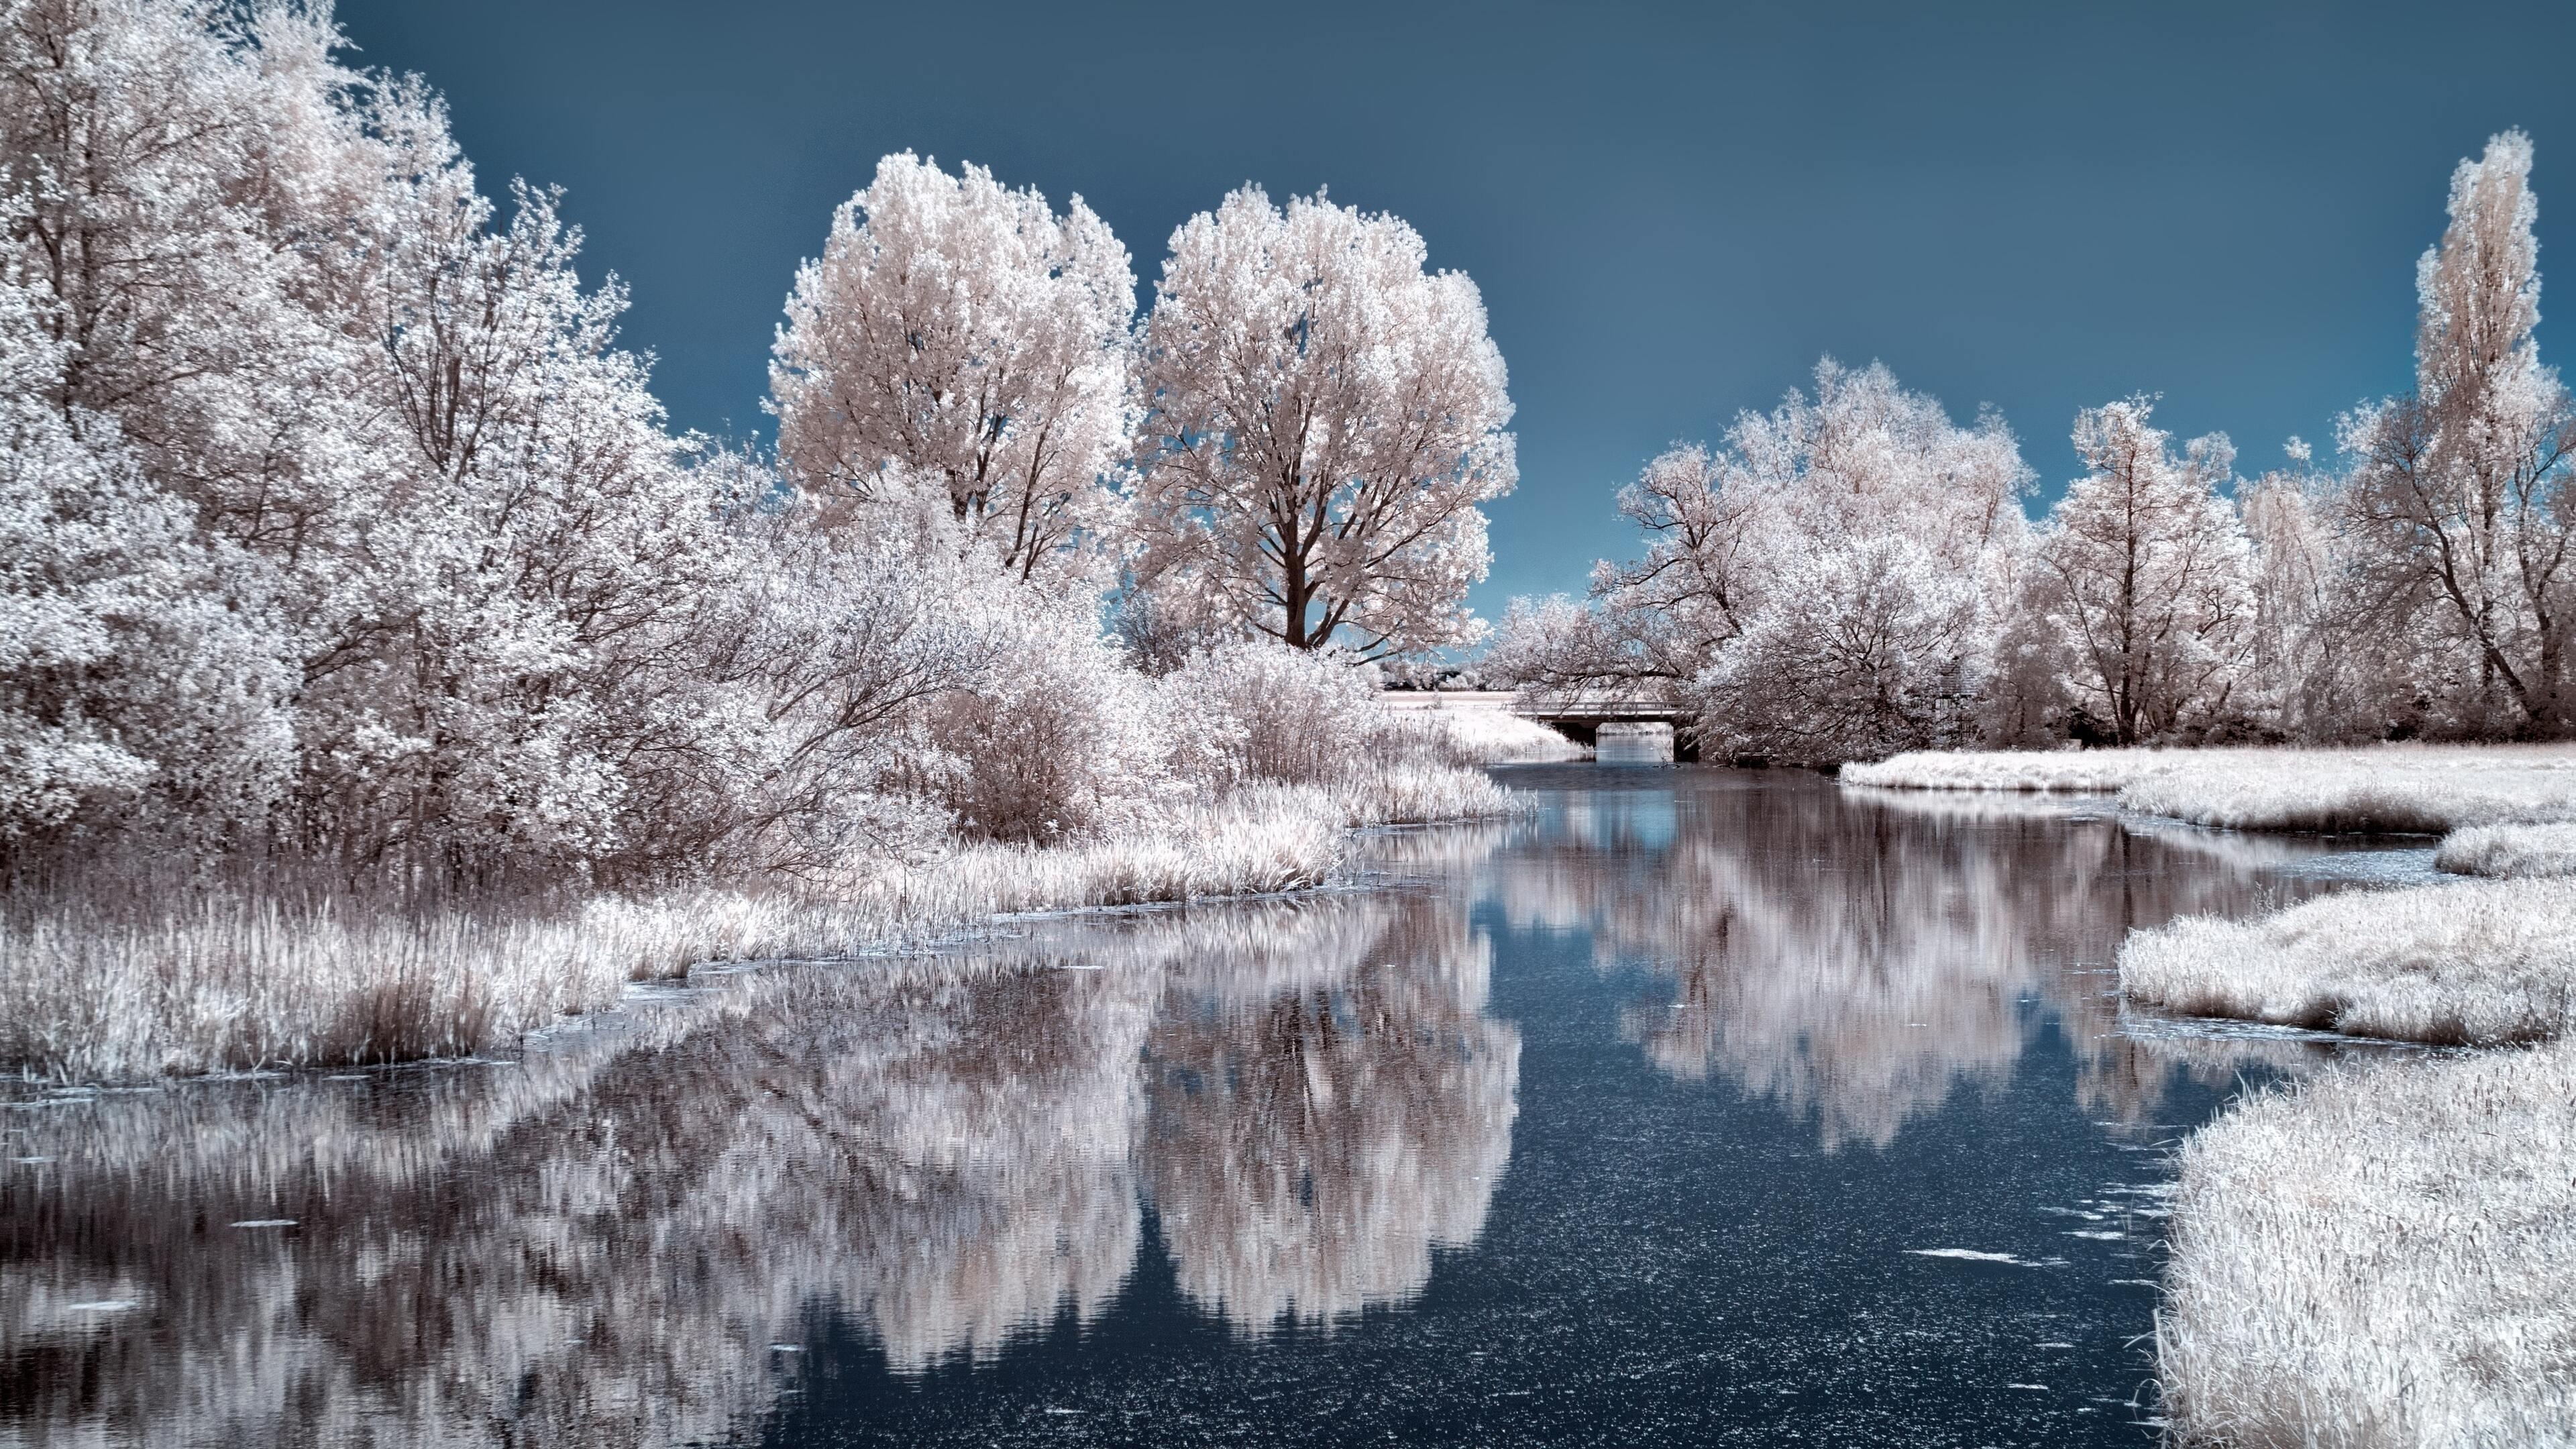 Замерзшие деревья в ледяном озере с отражением в дневное время природа обои скачать